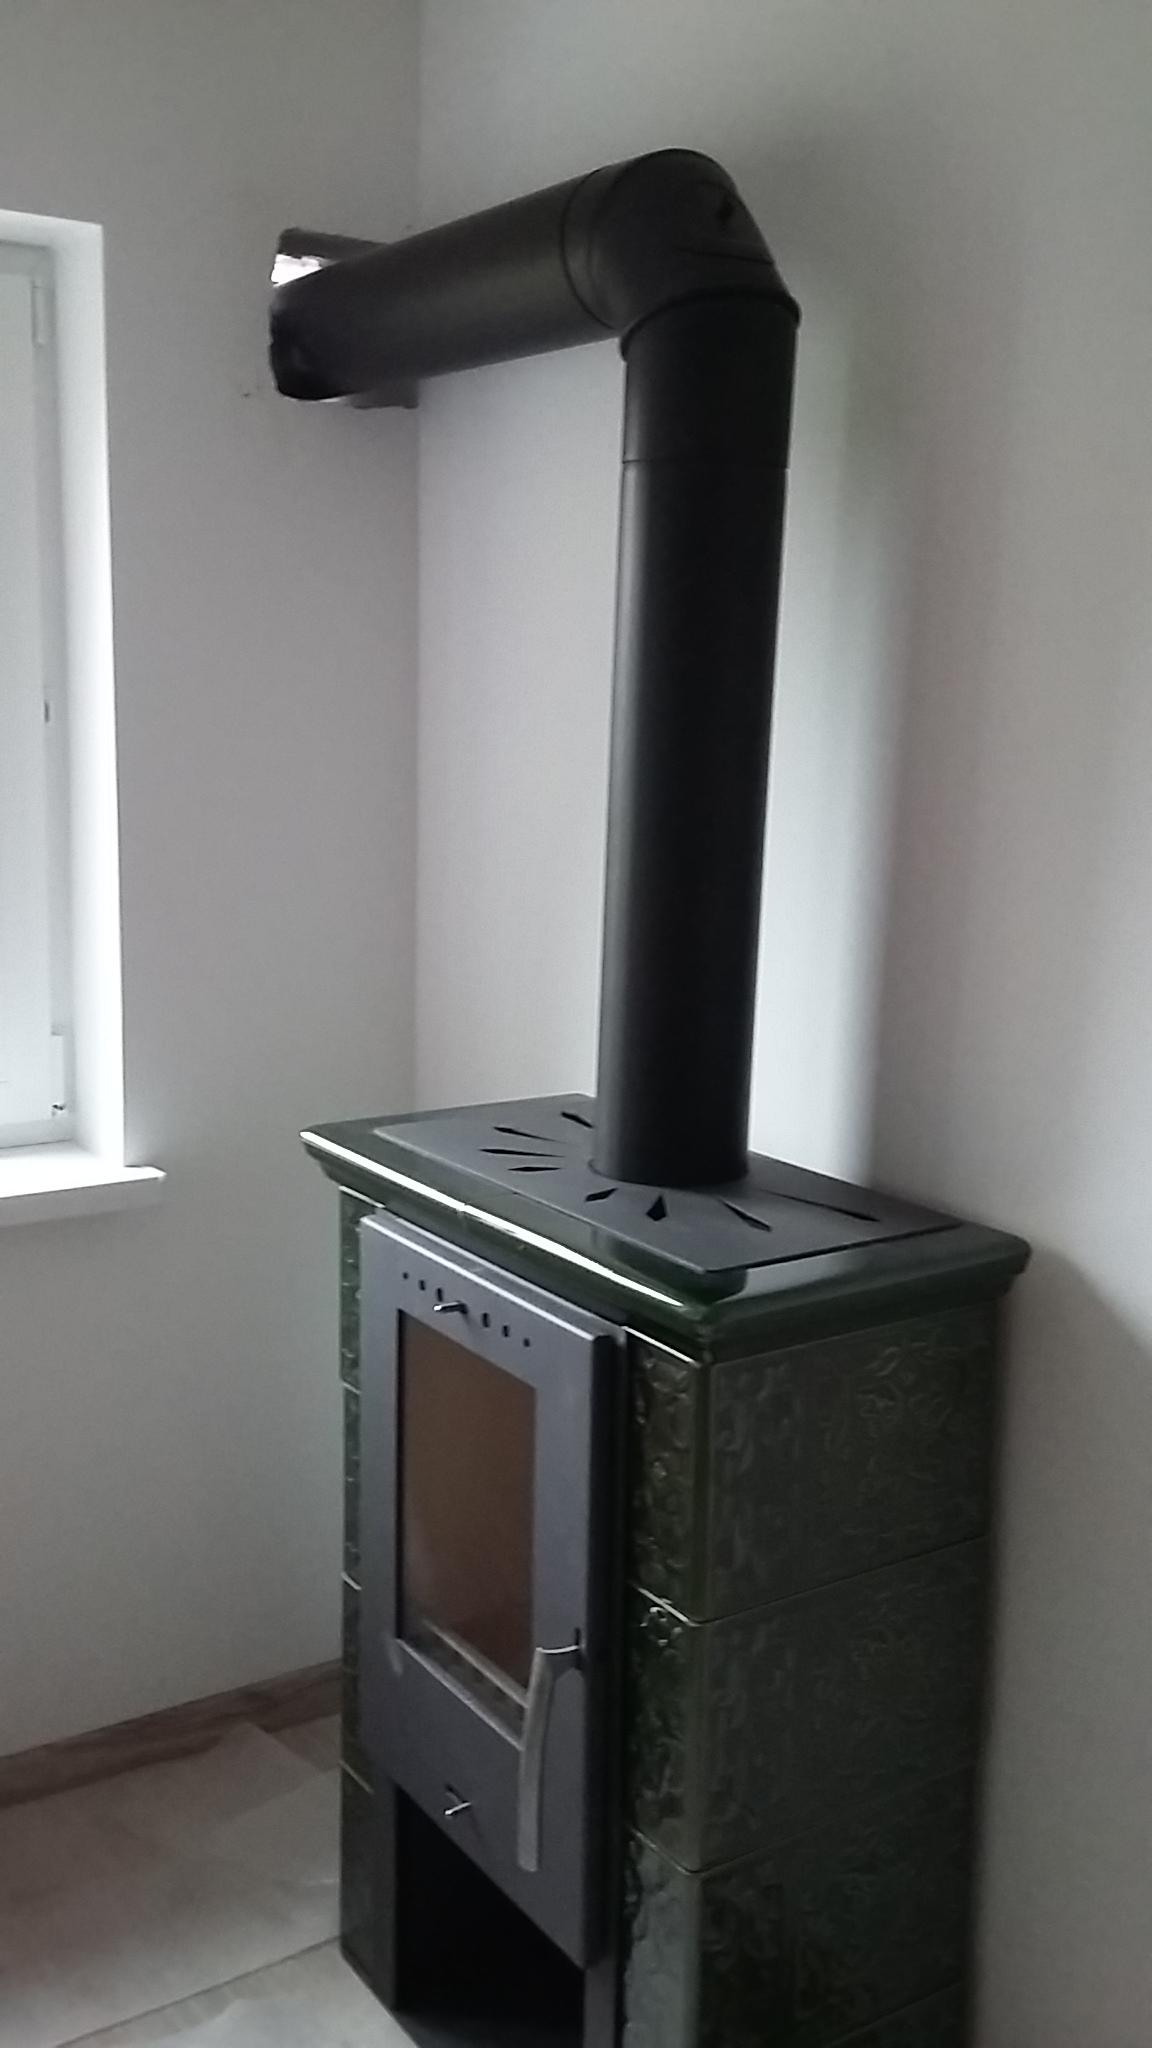 Oryginał Montaż - Kominy stalowe - sklep internetowy JW36